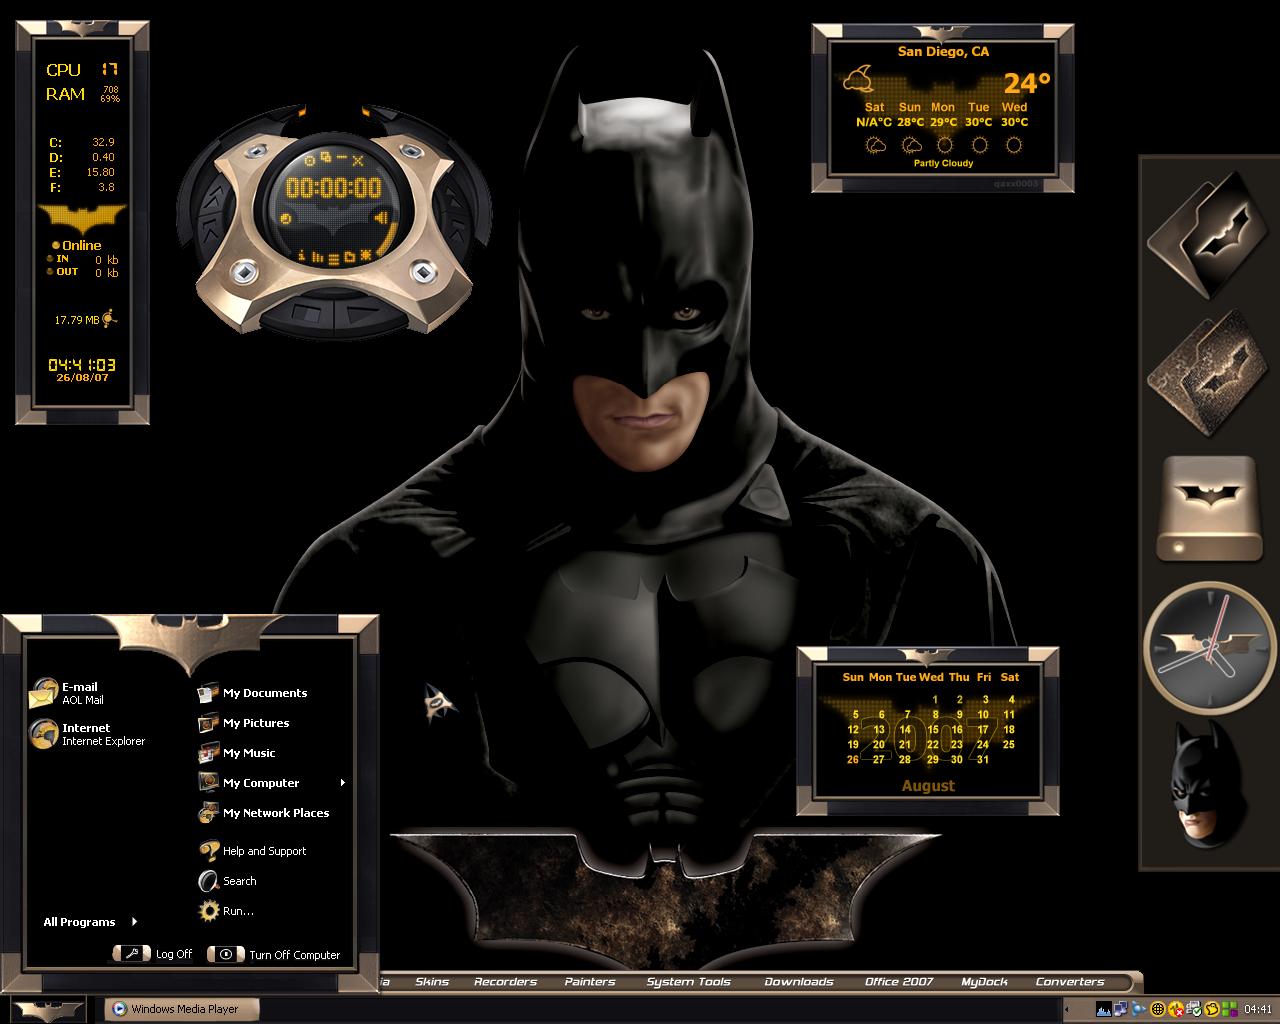 batman batman 1920x1080 HD Wallpaper Jootix Wallpapers   Do It 1280x1024